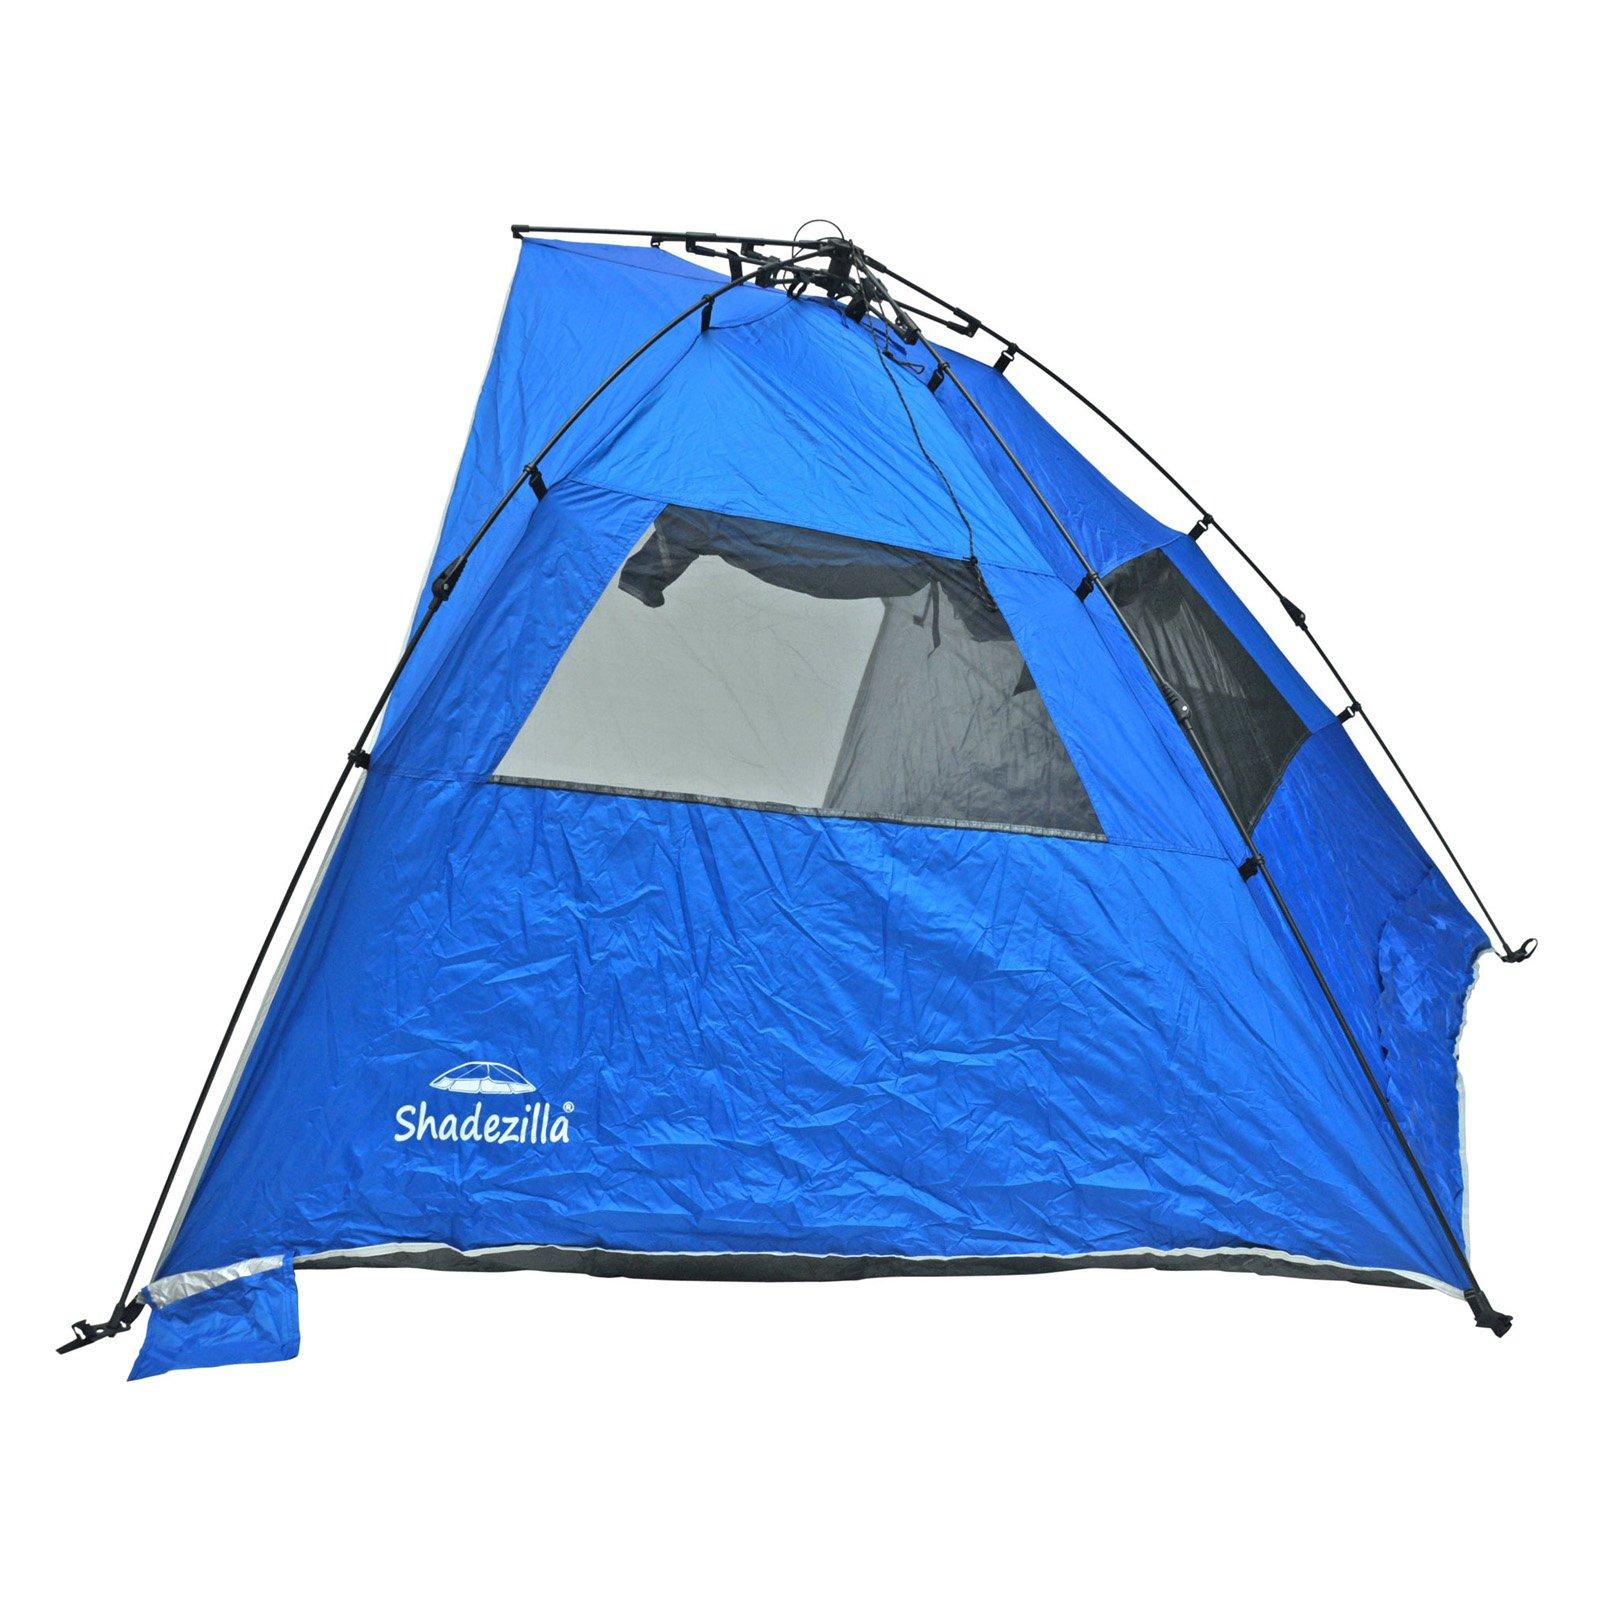 sc 1 st  Walmart & Shadezilla Pop Up Beach Tent - Walmart.com